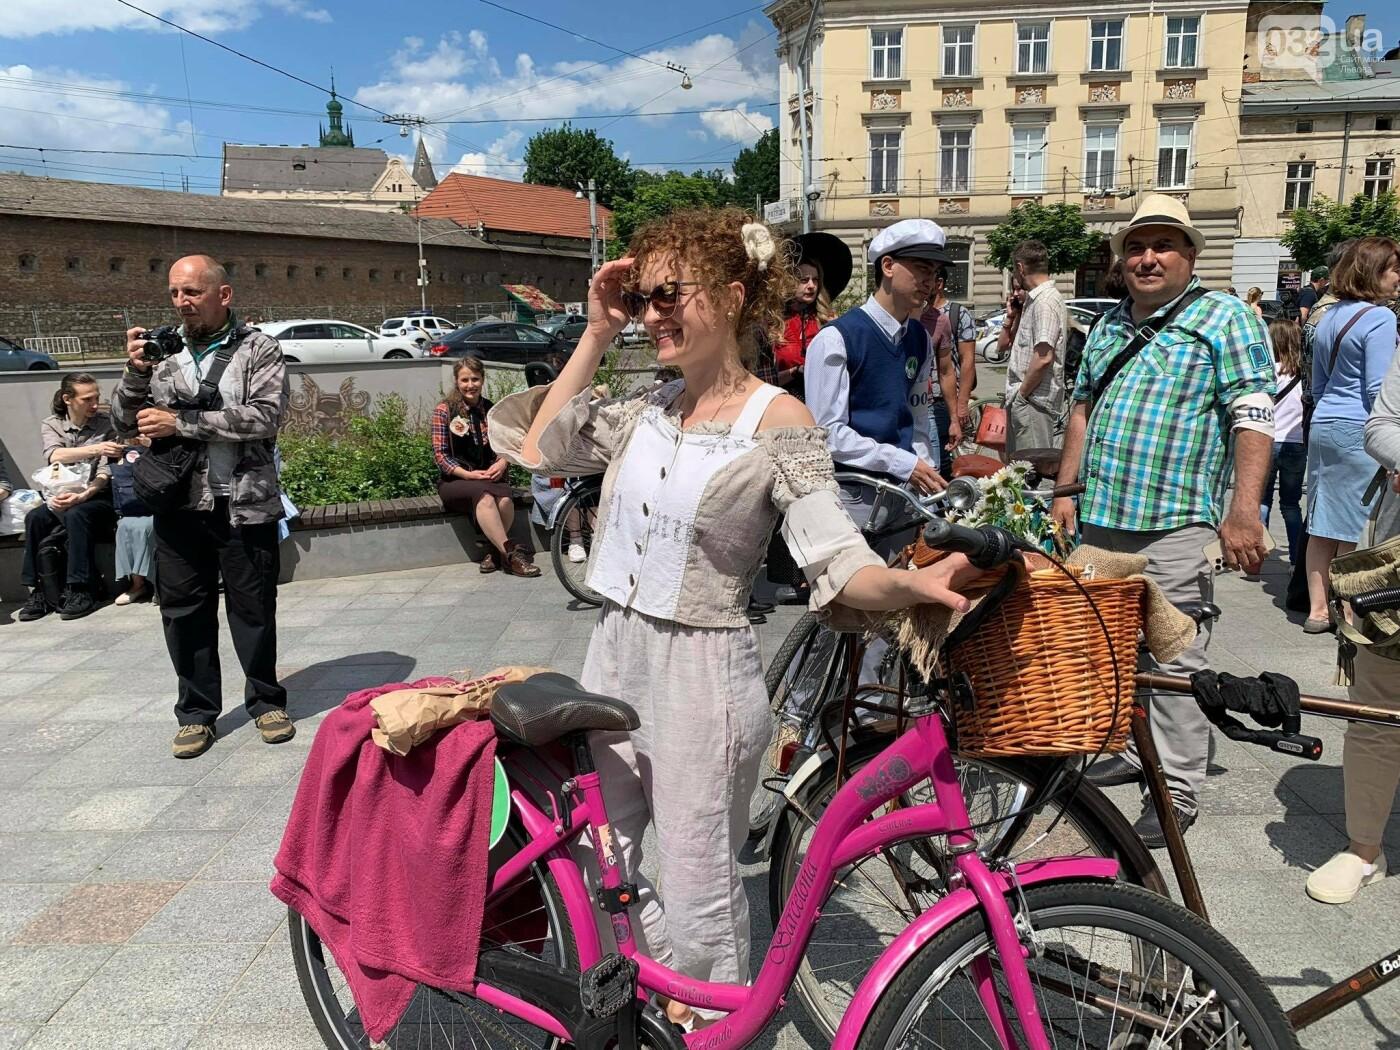 """Велопроменад """"Батяри на роверах"""" у Львові, Фото - 032.ua"""